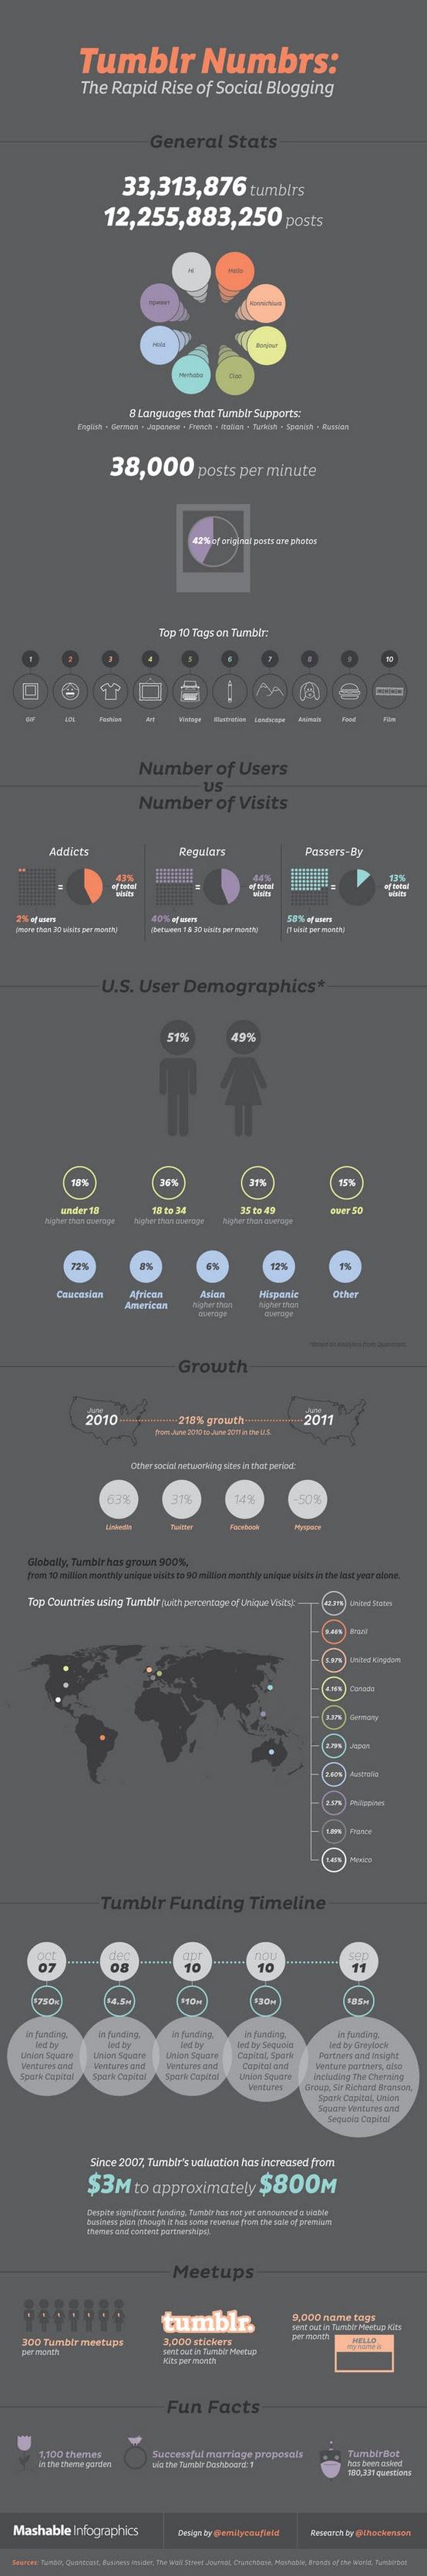 tumblr-infographic